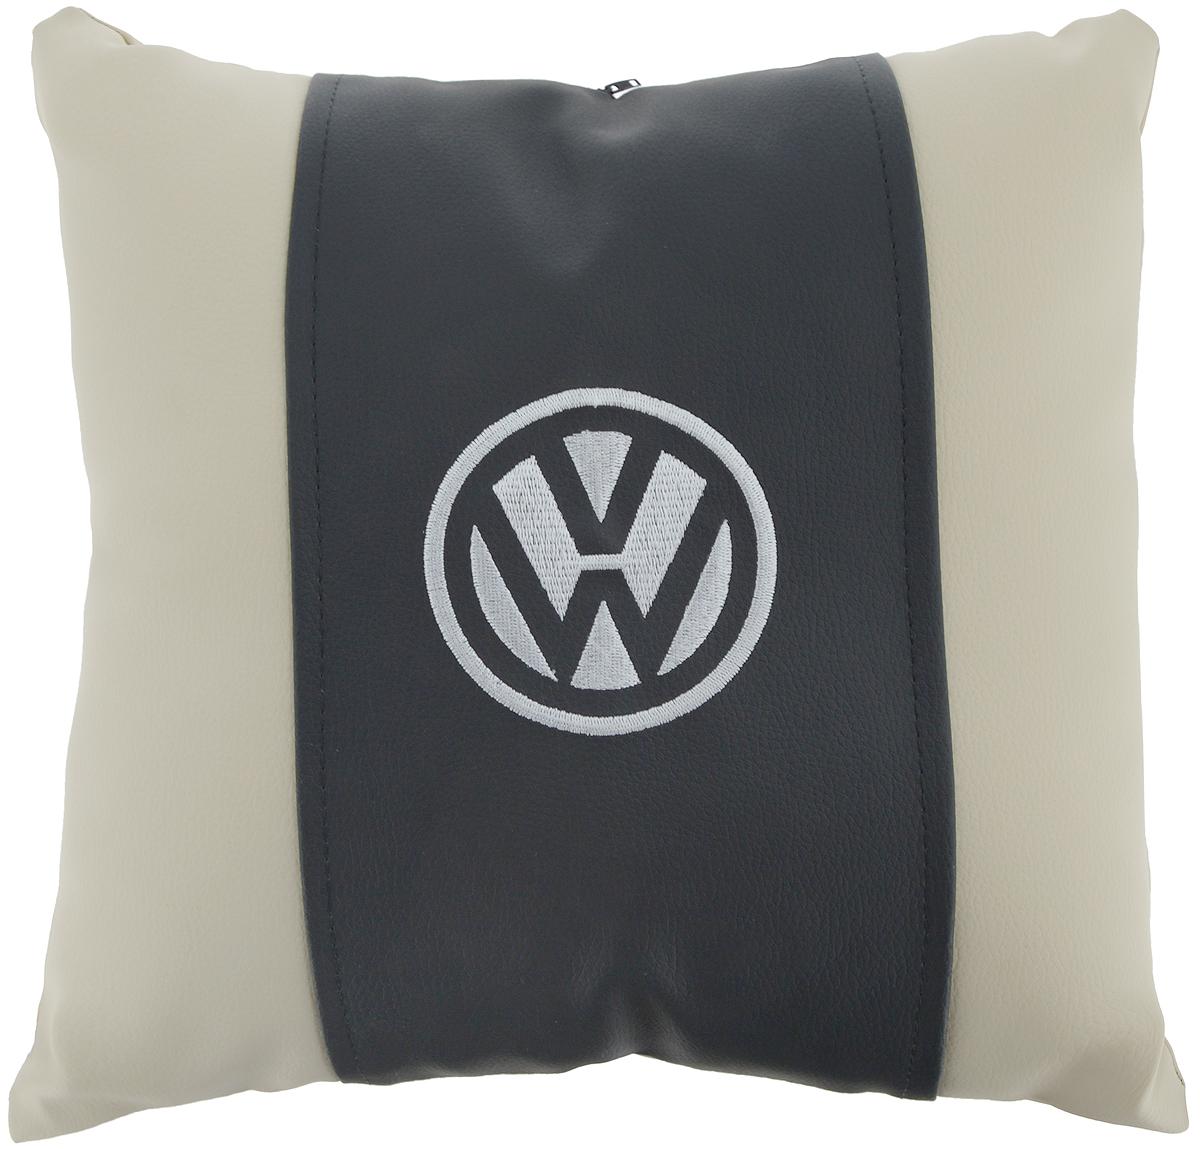 Подушка на сиденье Autoparts Volkswagen, 30 х 30 смМ049Подушка на сиденье Autoparts Volkswagen создана для тех, кто весь свой день вынужден проводить за рулем. Чехол выполнен из высококачественной дышащей экокожи. Наполнителем служит холлофайбер. На задней части подушки имеется змейка. Особенности подушки: - Хорошо проветривается. - Предупреждает потение. - Поддерживает комфортную температуру. - Обминается по форме тела. - Улучшает кровообращение. - Исключает затечные явления. - Предупреждает развитие заболеваний, связанных с сидячим образом жизни. Подушка также будет полезна и дома - при работе за компьютером, школьникам - при выполнении домашних работ, да и в любимом кресле перед телевизором.